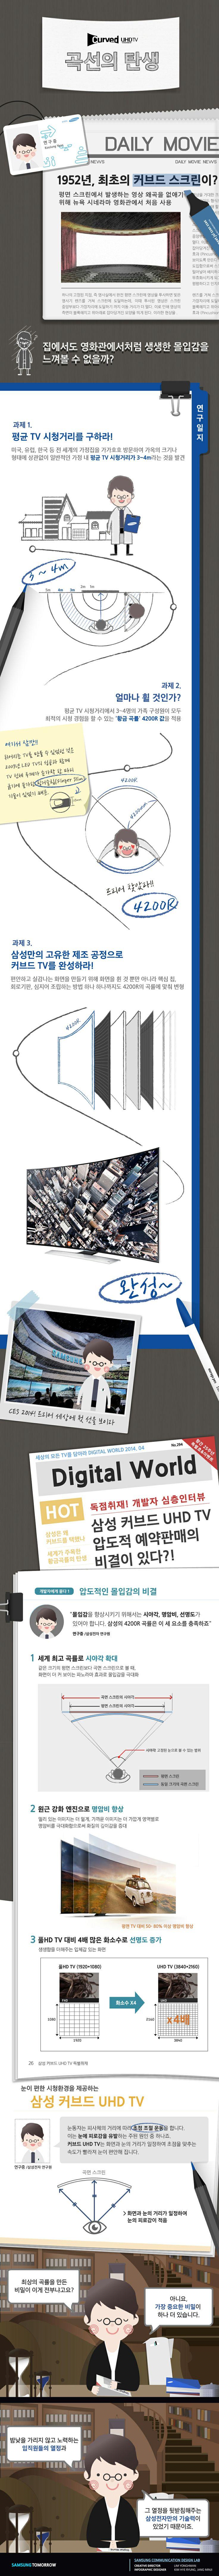 삼성전자 커브드 UHD TV를 소개하는 인포그래픽.